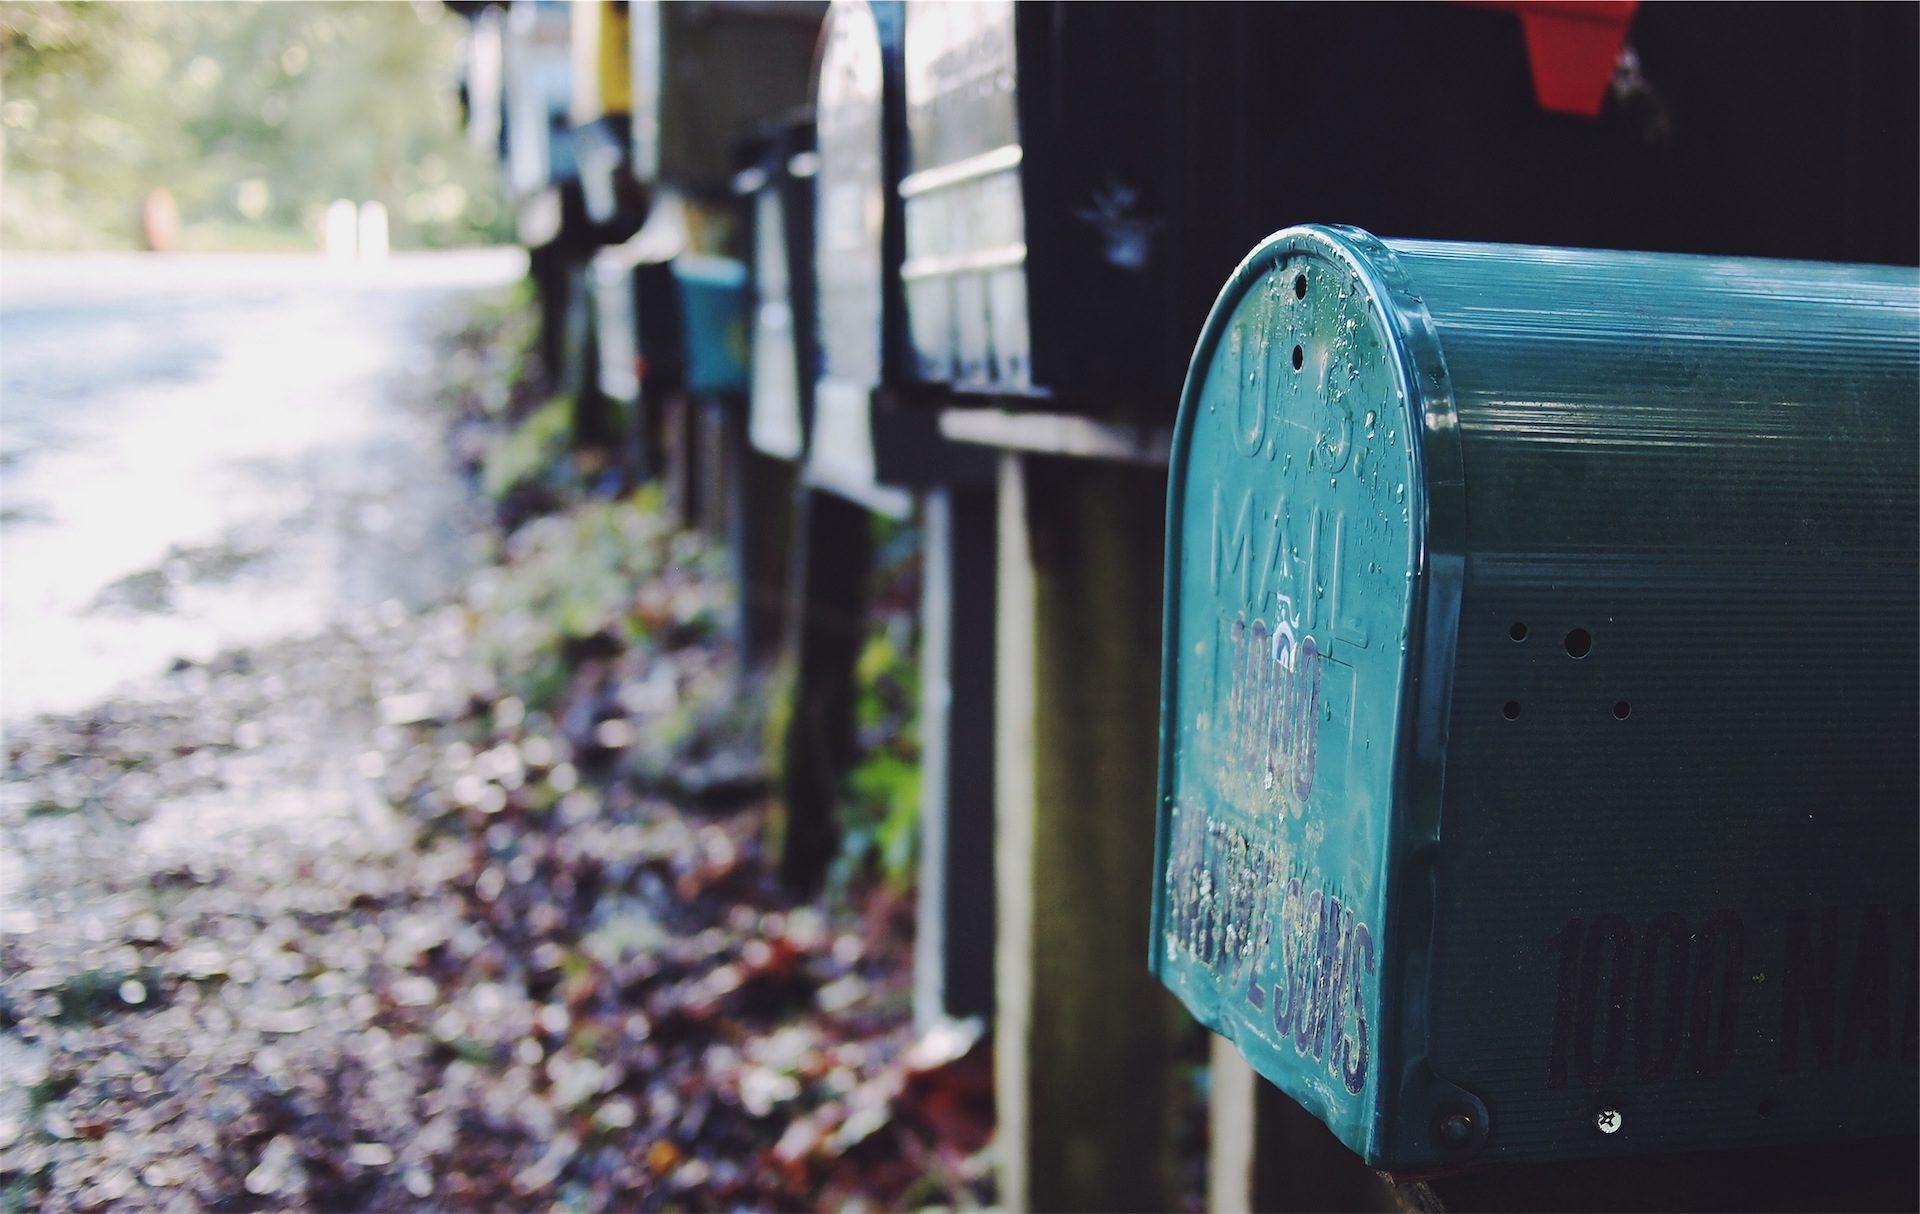 γραμματοκιβώτια, γείτονες, η γειτονιά, Δρόμου, ξύλο - Wallpapers HD - Professor-falken.com